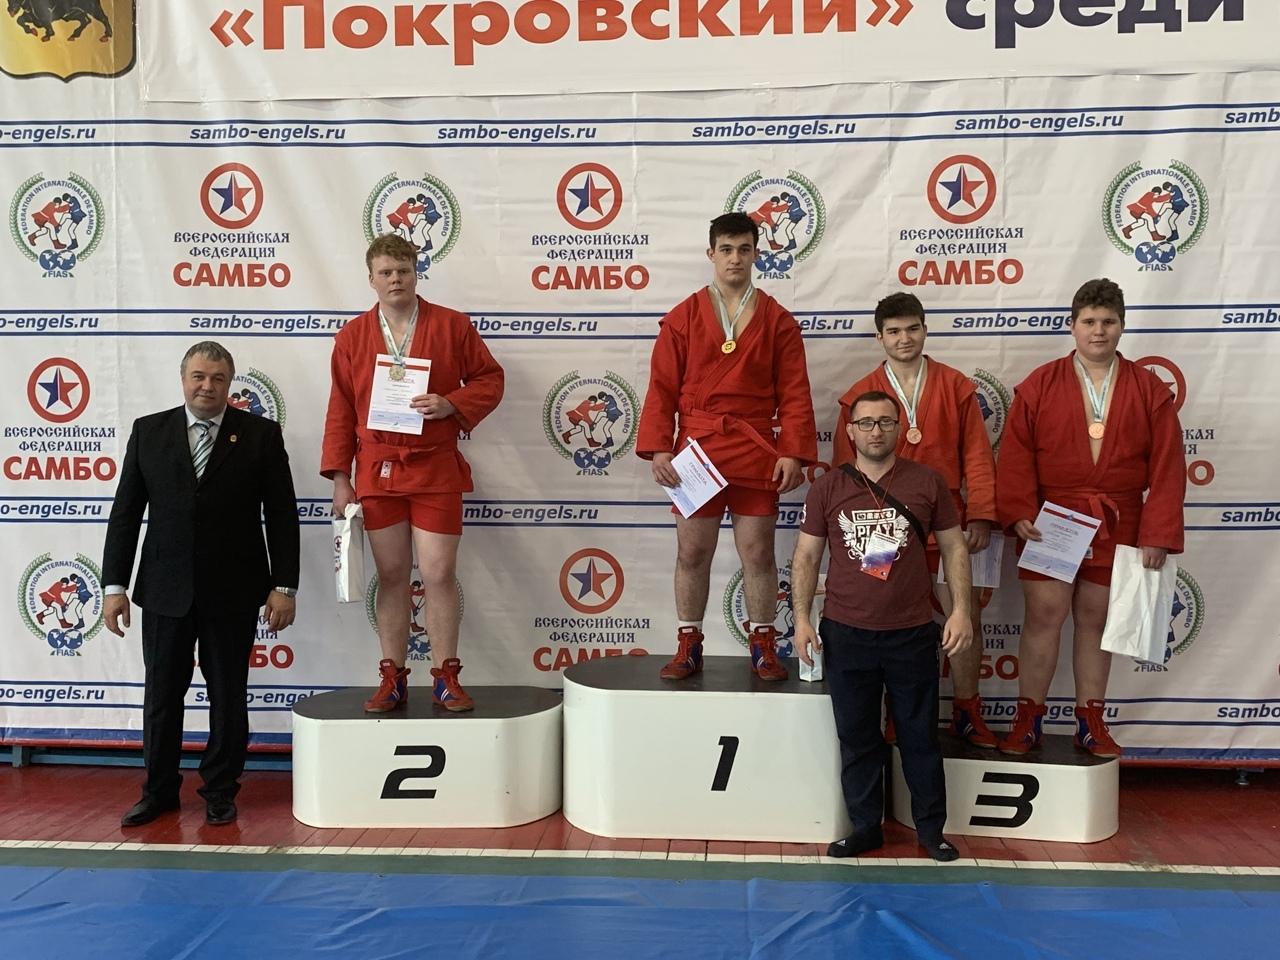 Петровские самбисты стали серебряными призёрами Всероссийских соревнований